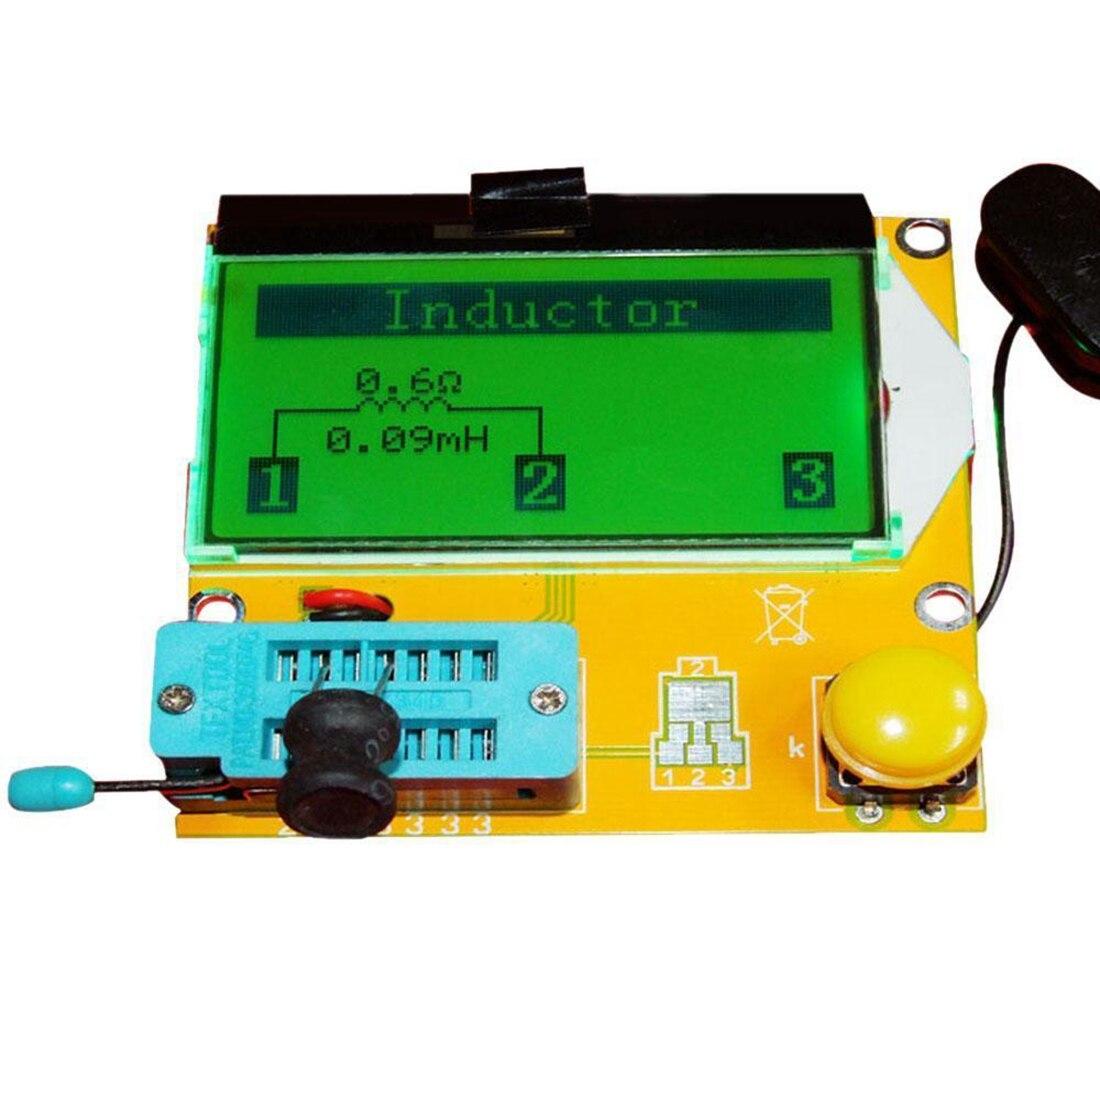 LCR-T3 Transistor Testeur de Diodes Triode Capactitance ESR LCR Mètre MOS PNP NPN